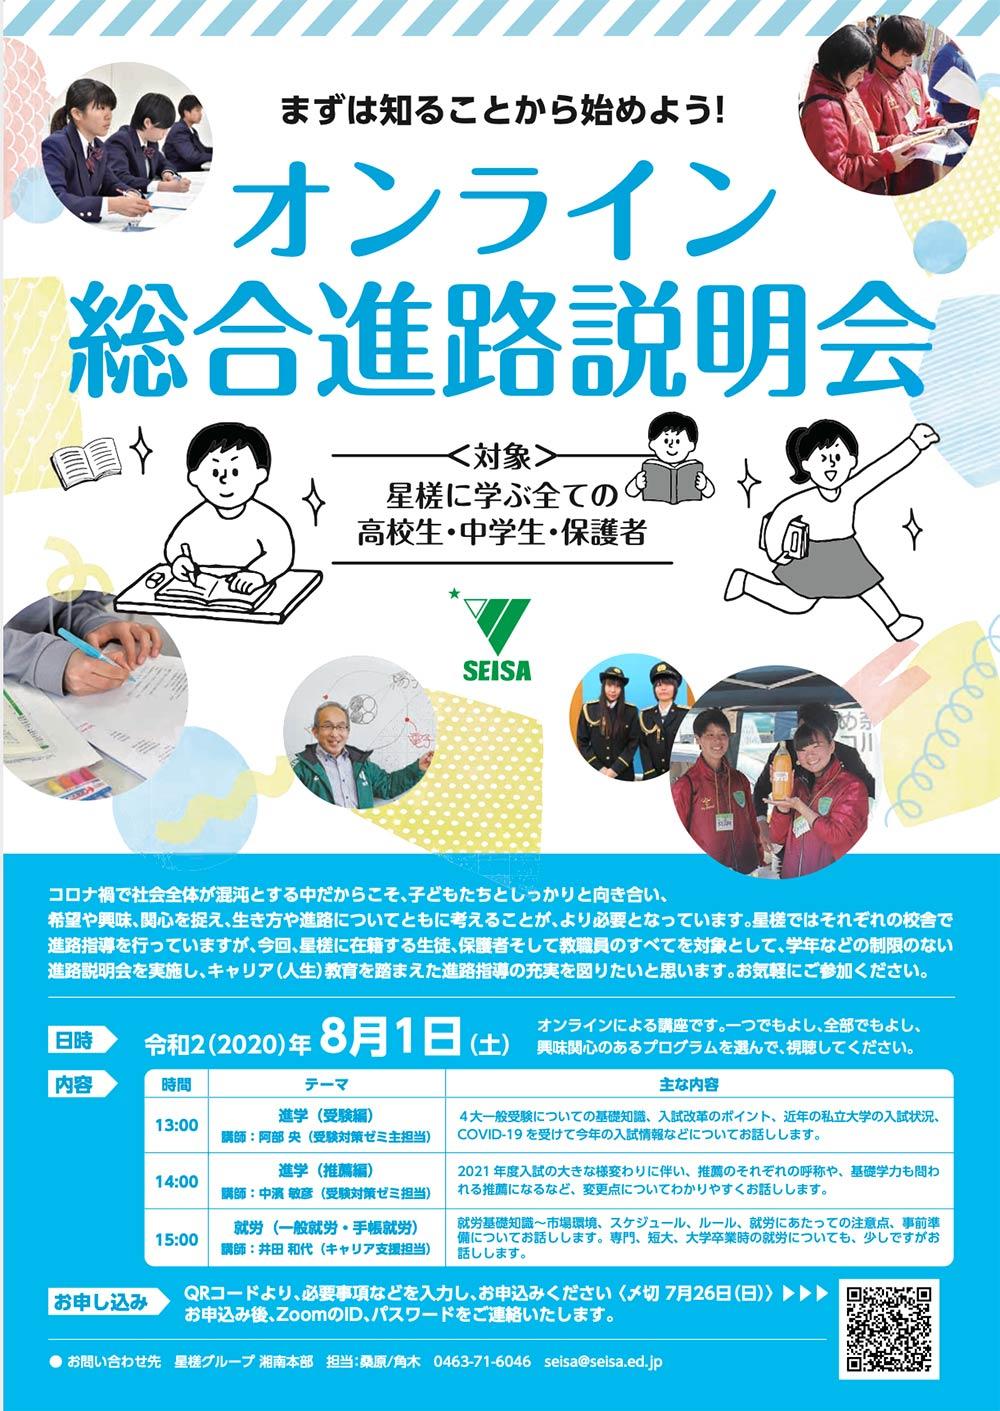 星槎オリジナル「オンライン進路総合説明会」を開催1